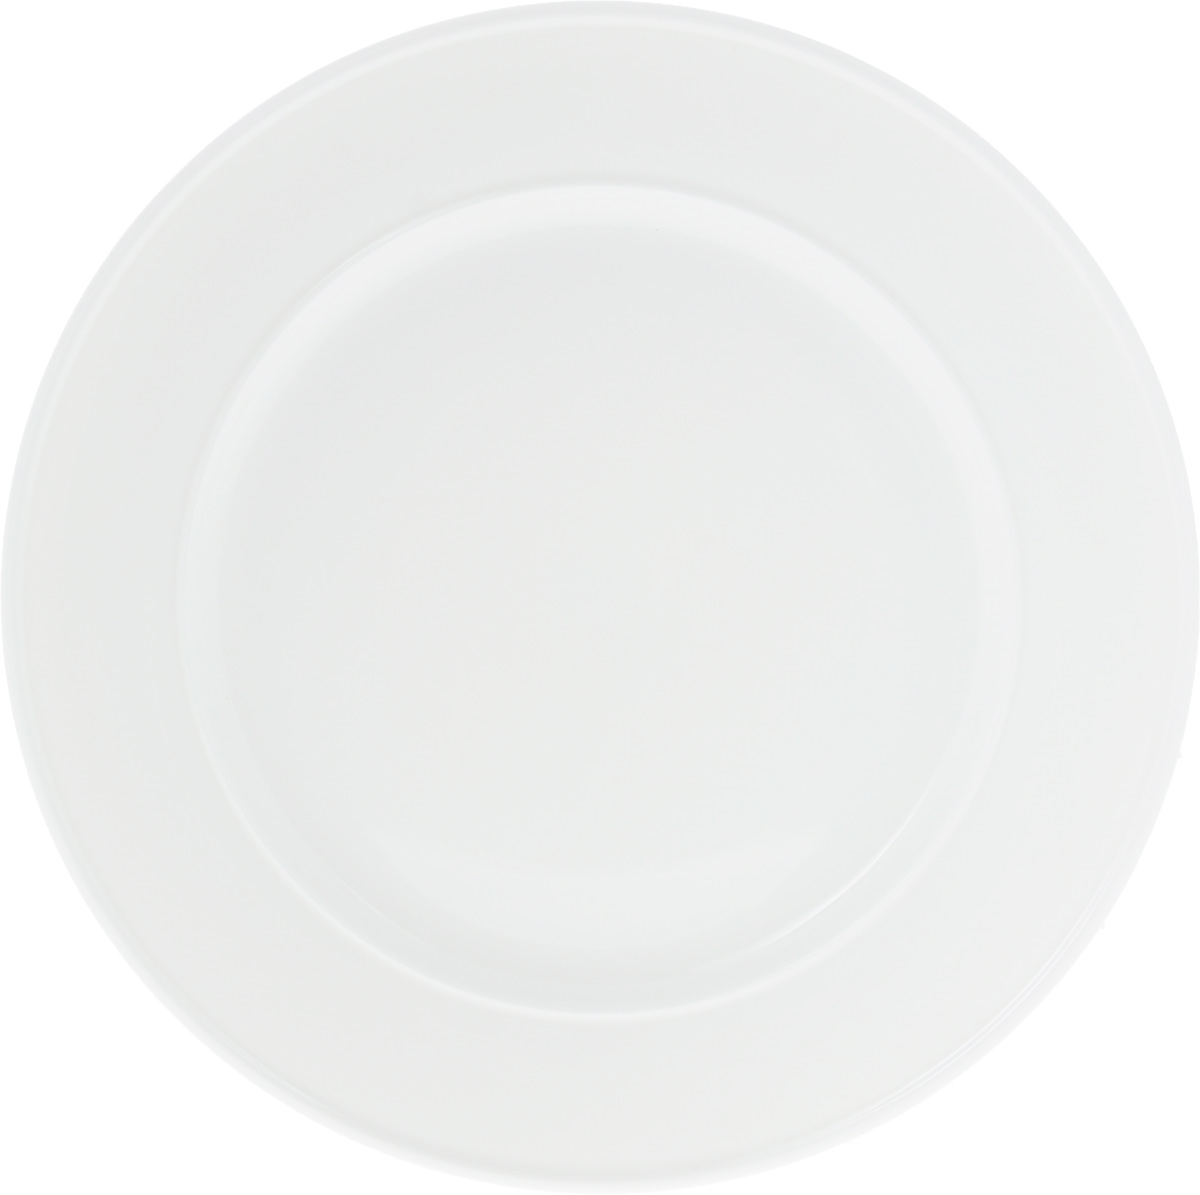 Блюдо Wilmax, диаметр 30,5 см. WL-991244 / A115510Оригинальное блюдо Wilmax, изготовленное из высококачественного фарфора, прекрасно подойдет для подачи нарезок, закусок и других блюд. Оно украсит ваш кухонный стол, а также станет замечательным подарком к любому празднику.